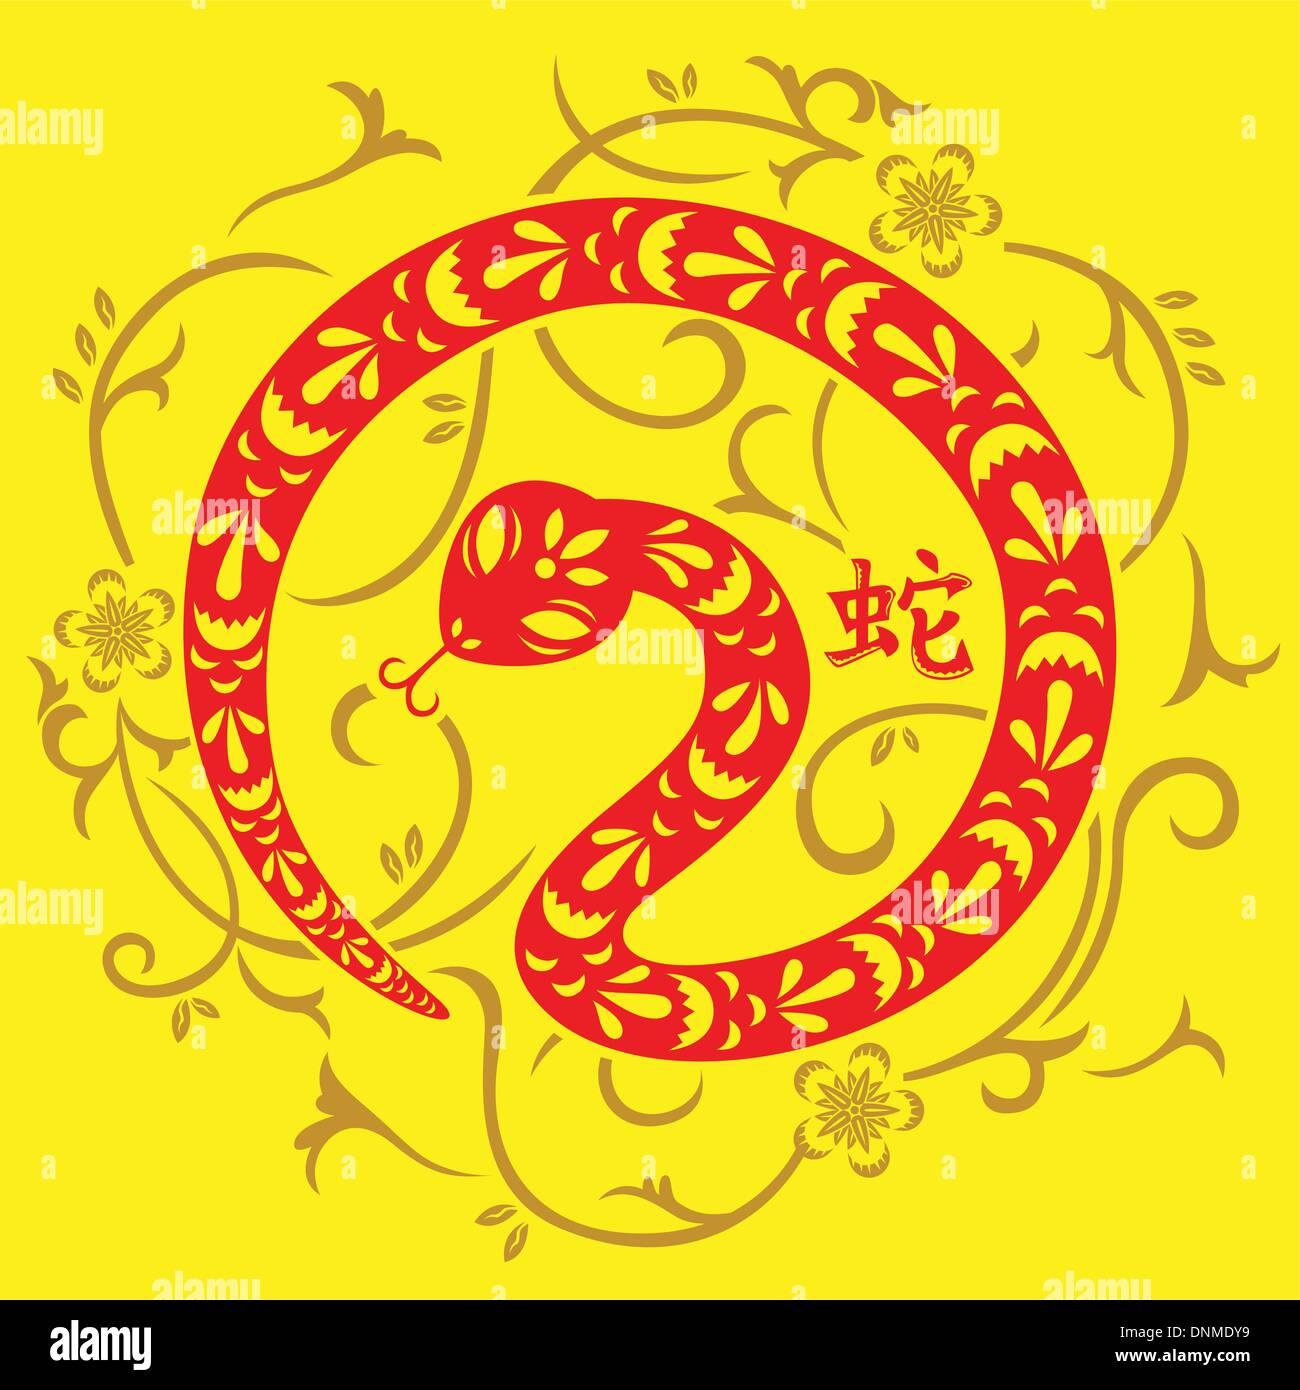 Un vecteur illustration de l'année du serpent design pour célébration du Nouvel An chinois Photo Stock